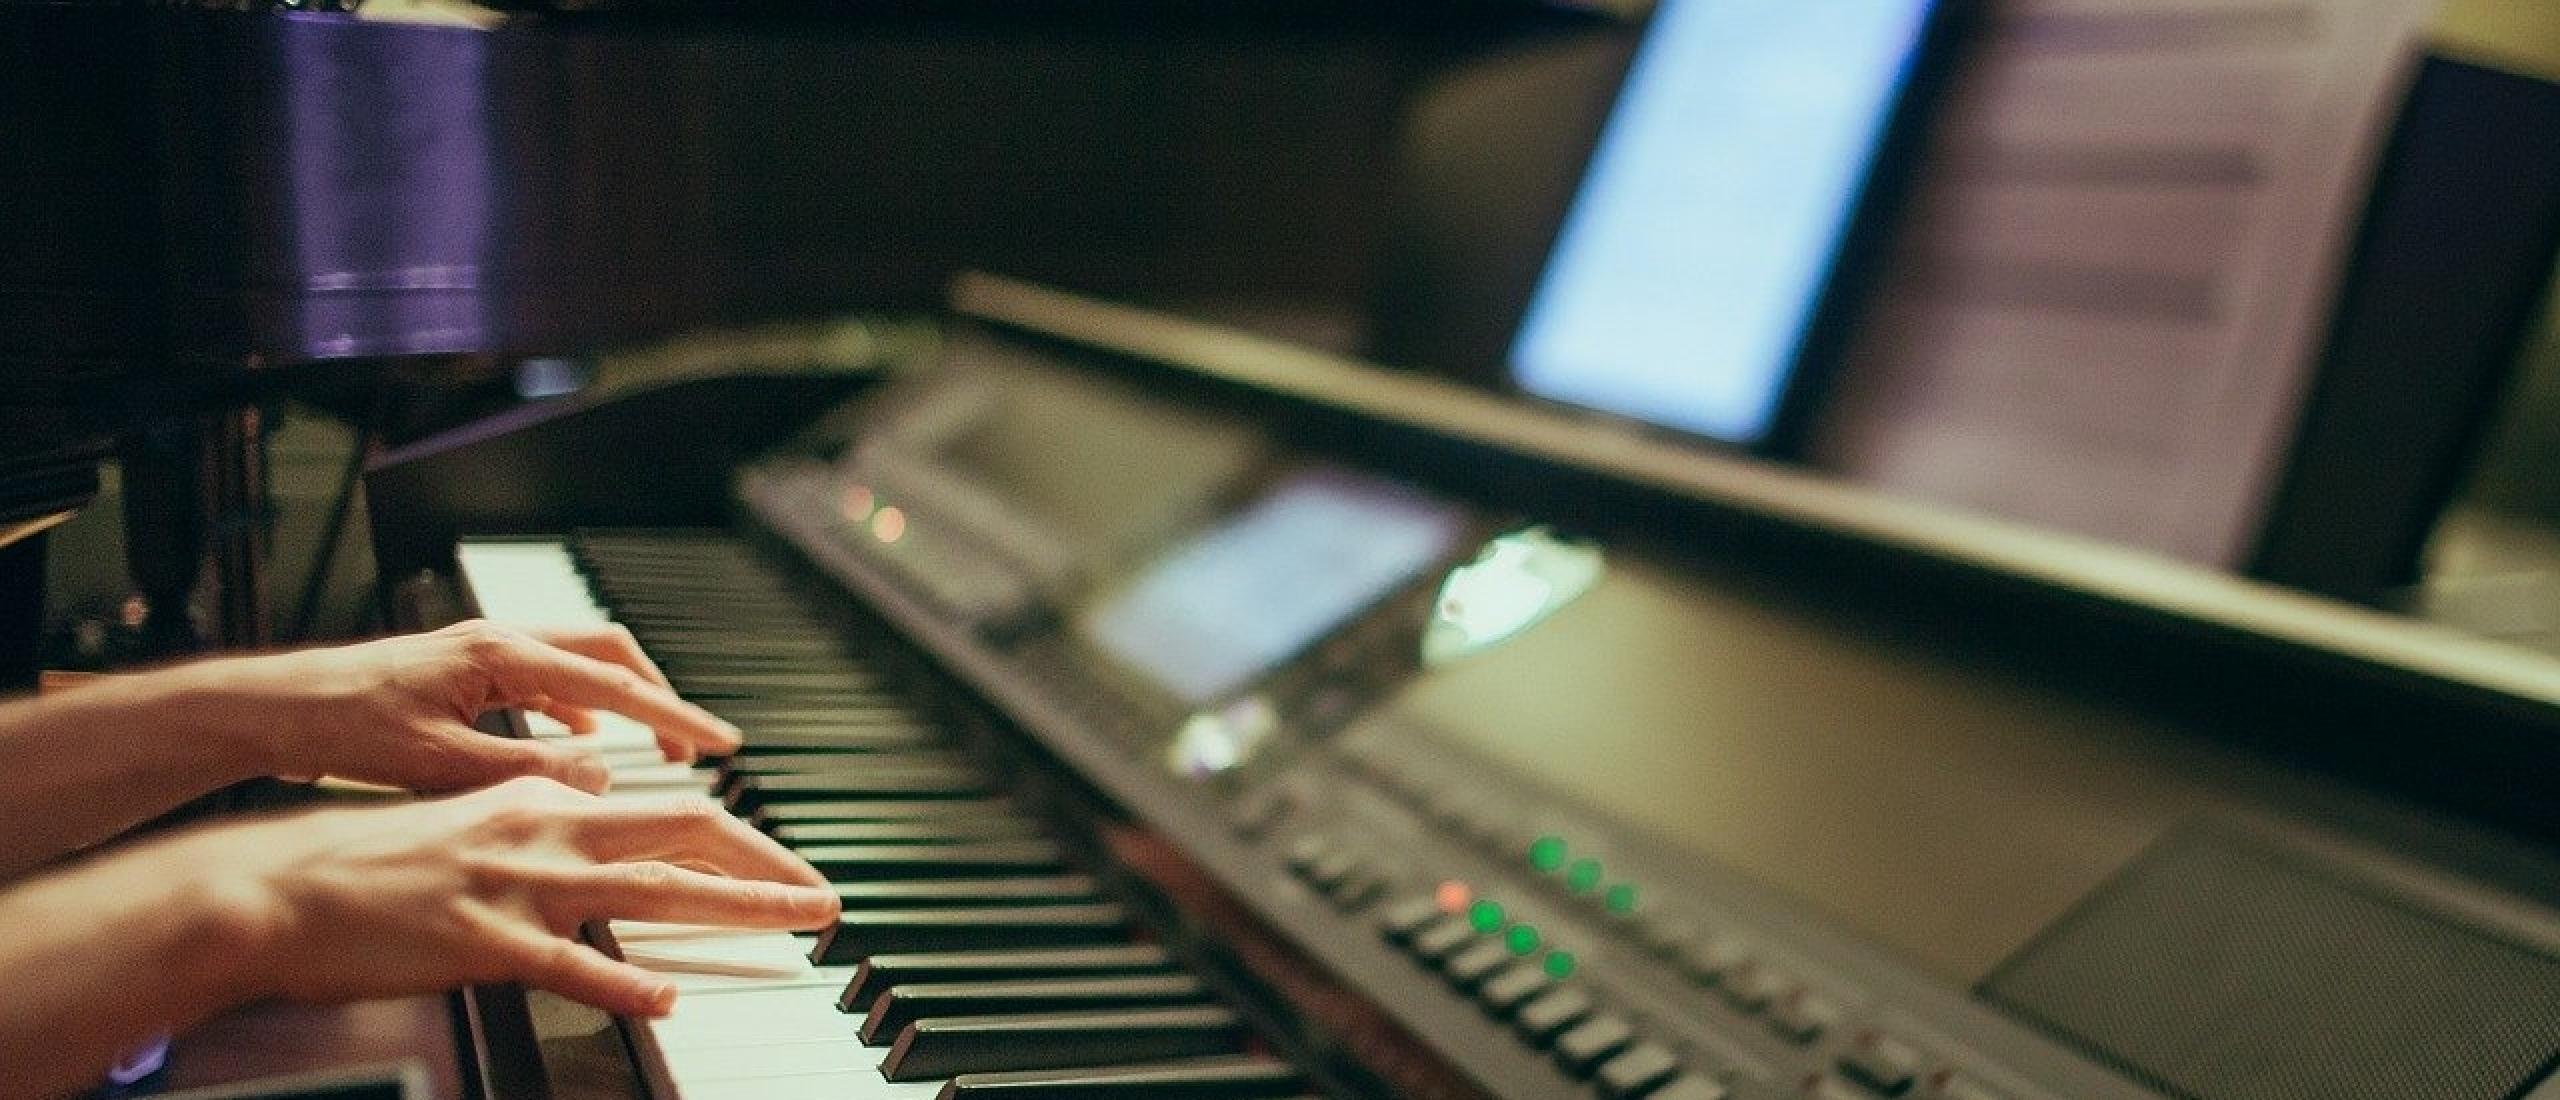 Keyboard of digitale piano aansluiten op tablet smartphone. Kan dat?